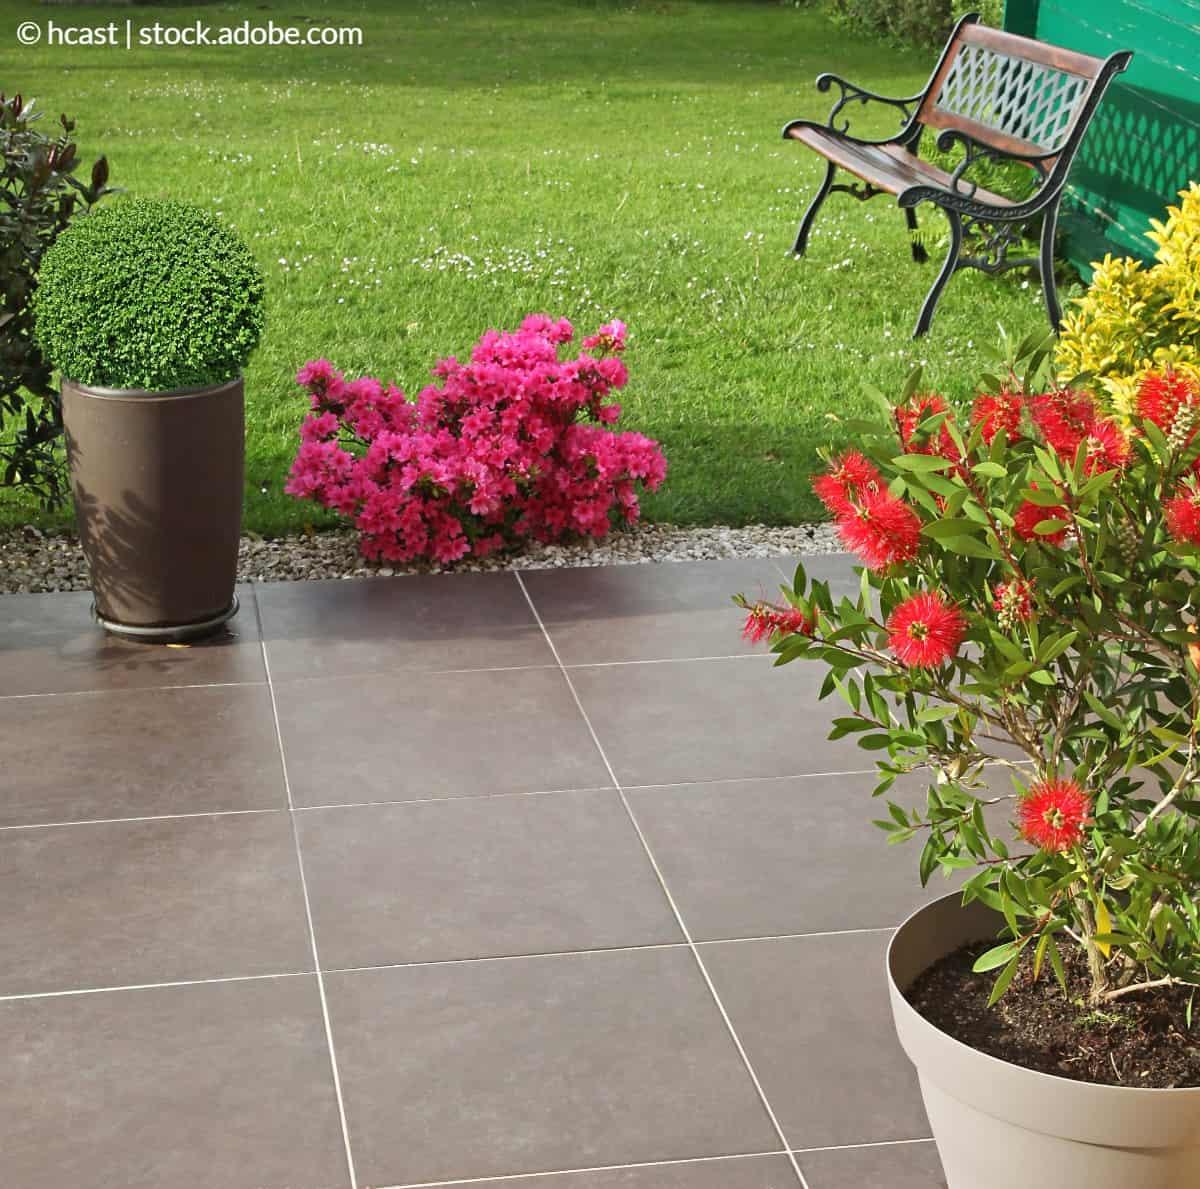 Comment Nettoyer Les Voiles De Ciment Sur Le Carrelage Wd 40 Belgique